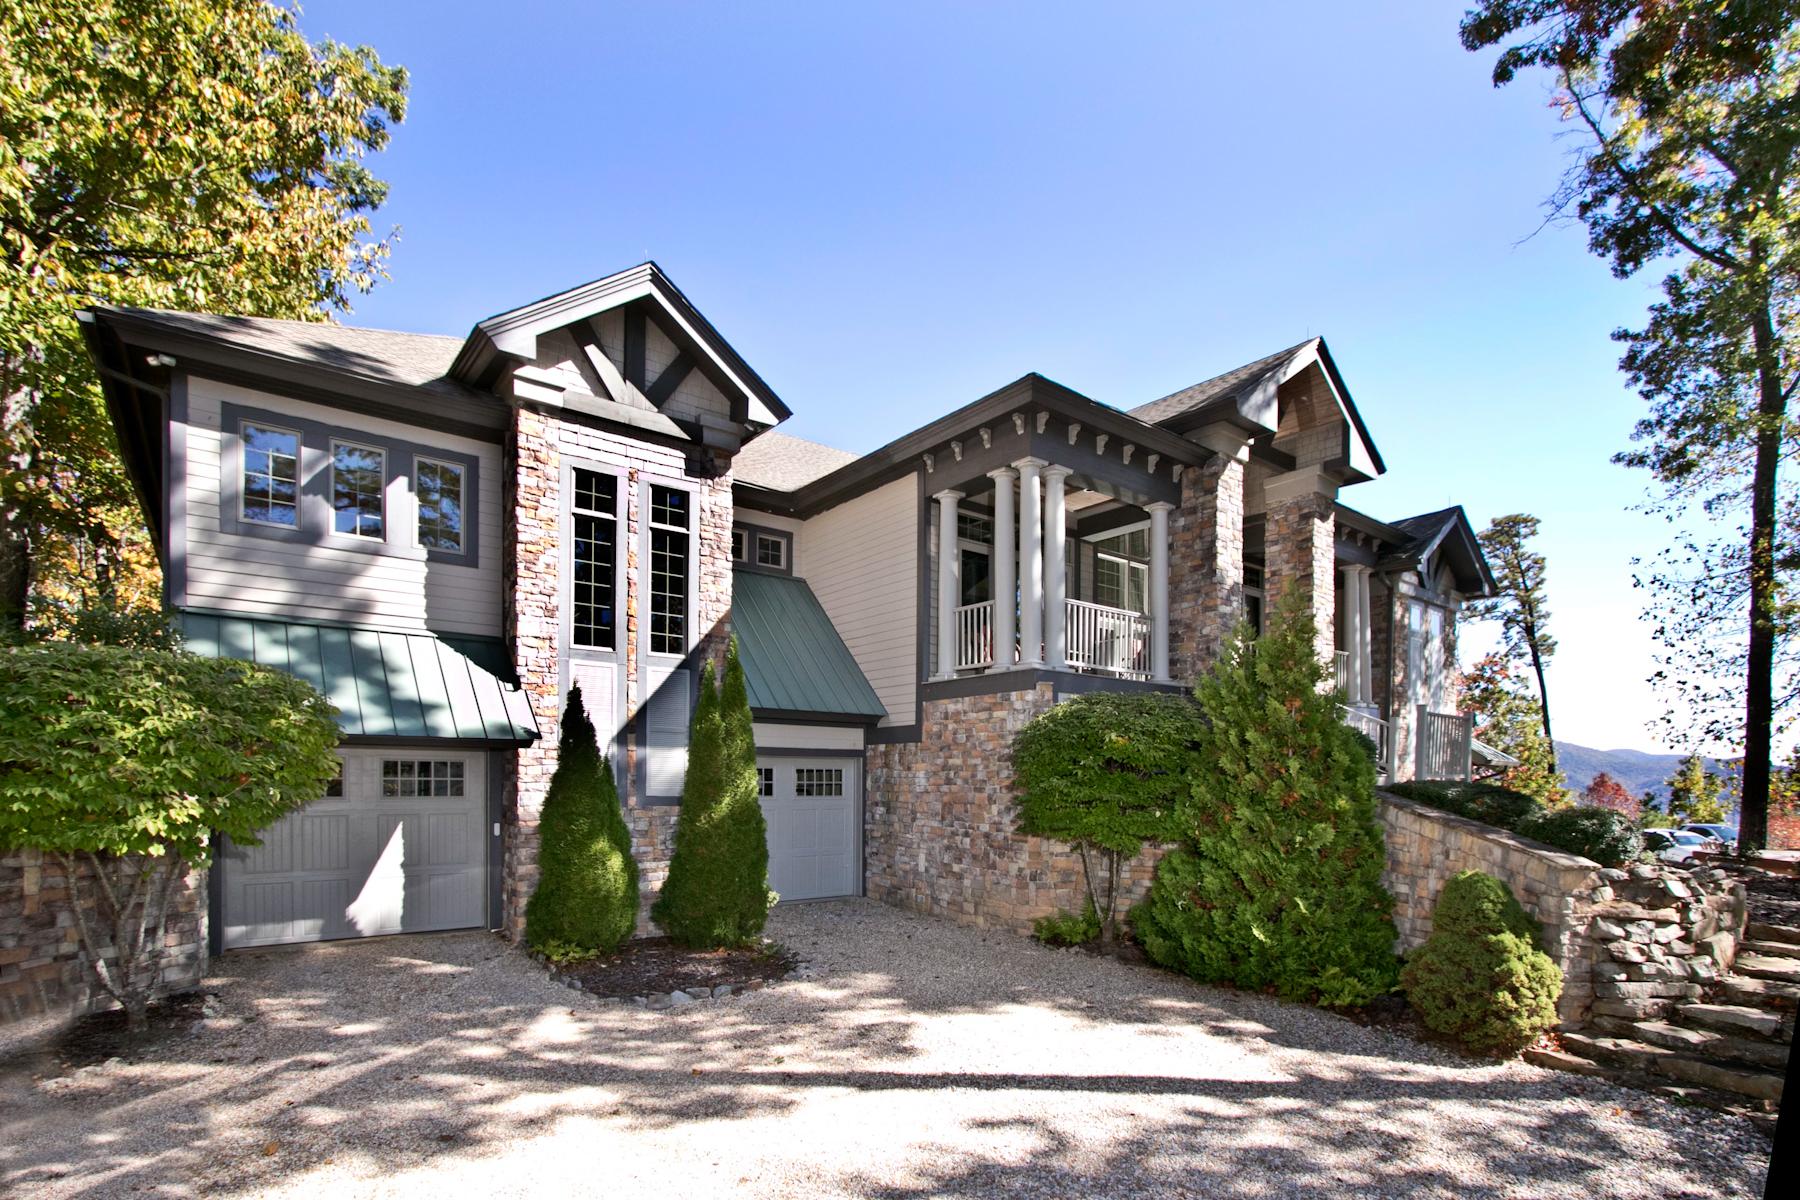 独户住宅 为 销售 在 921 Smokey Hollow Drive 迪拉德, 乔治亚州, 30537 美国